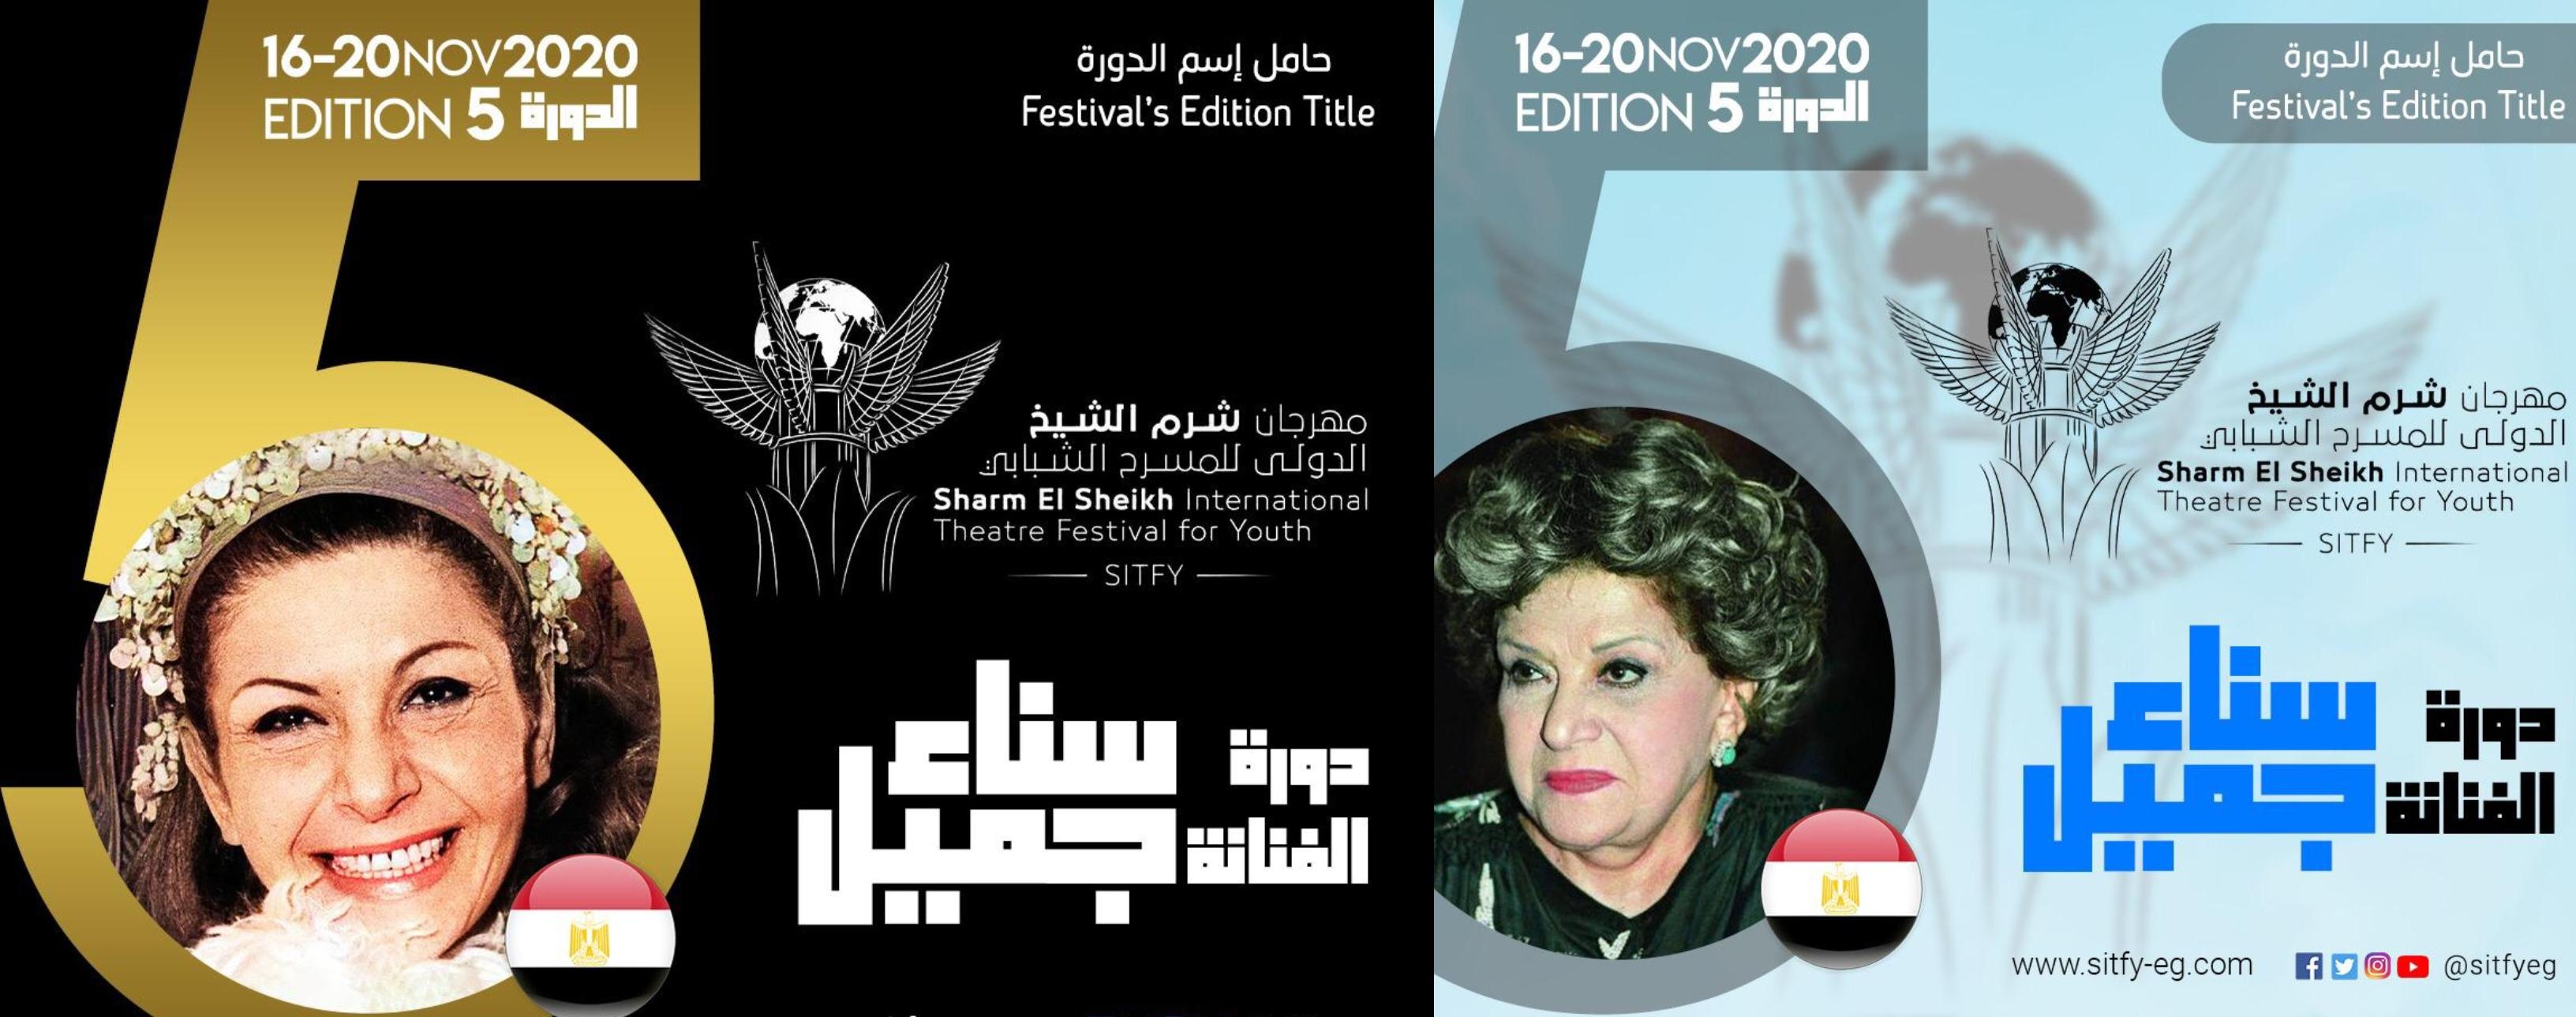 شرم الشيخ الدولي للمسرح الشبابي